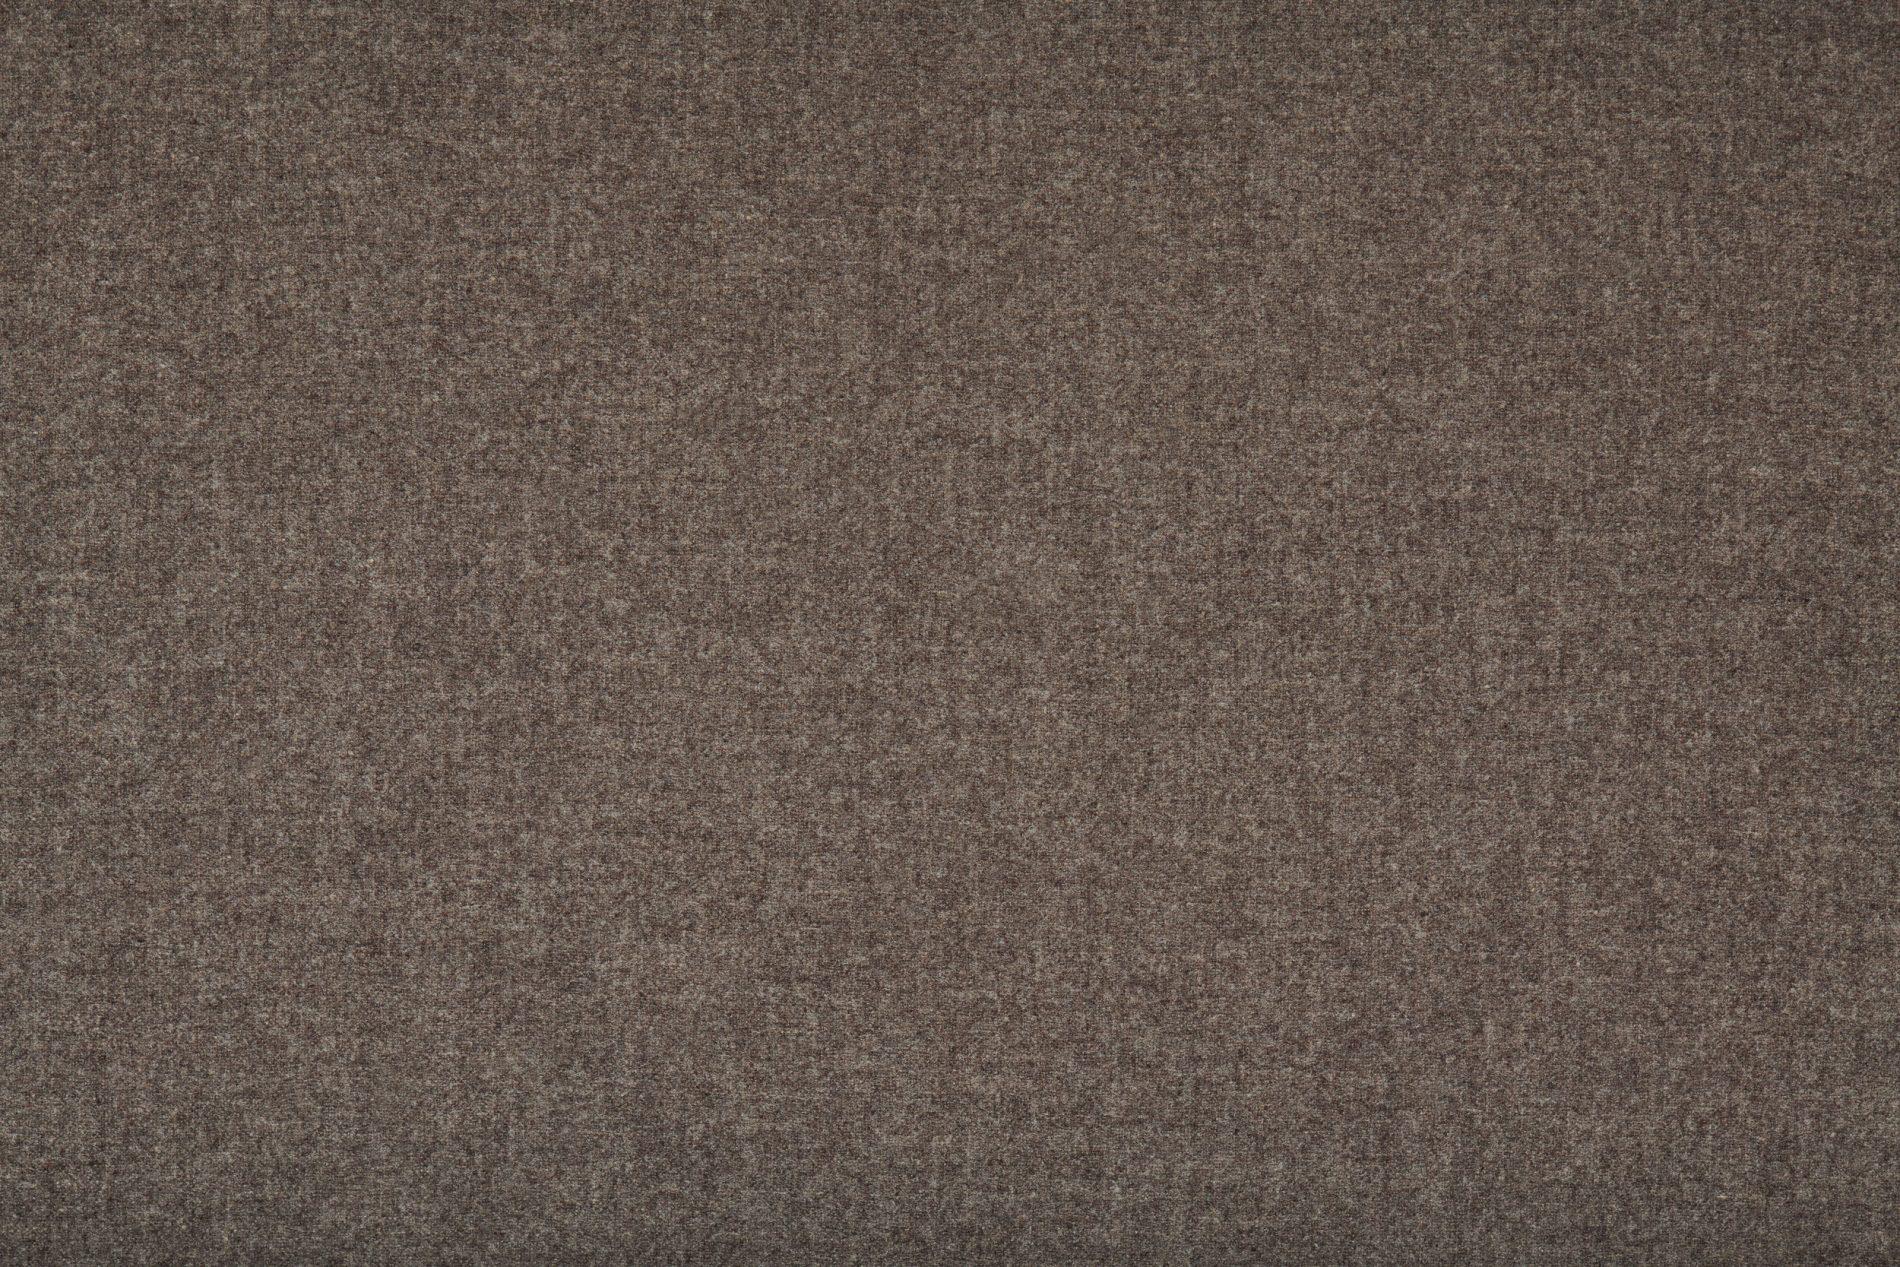 PURE 450 Plain Merino wool (15/5003)